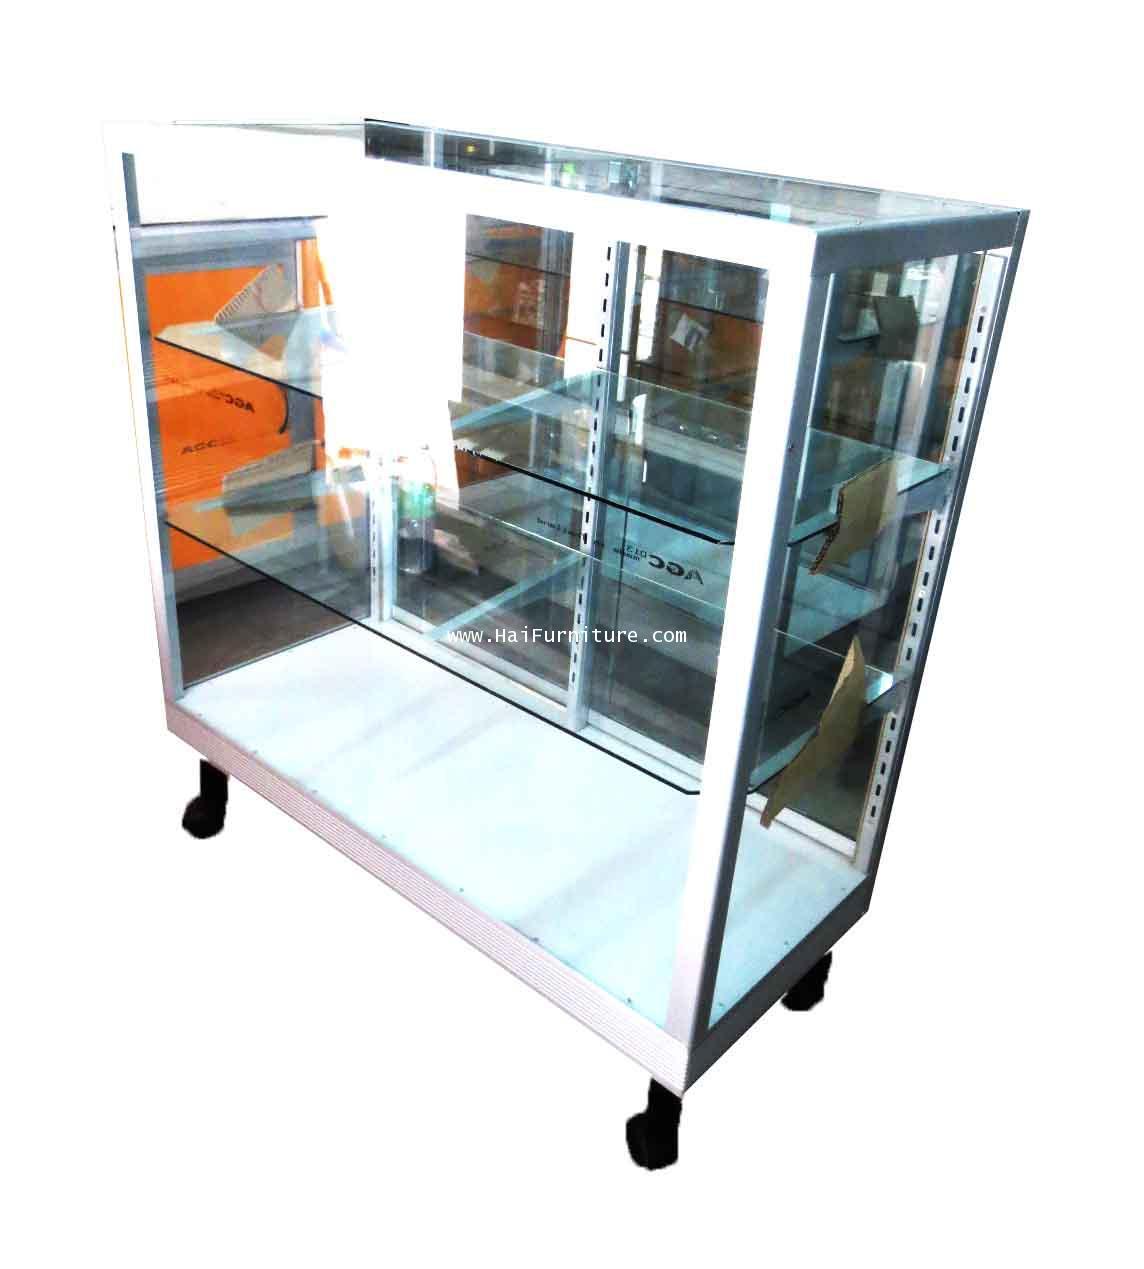 ตู้โชว์กระจก ตู้แสดงสินค้า ขอบอลูมิเนียม 3 ฟุต ชั้นปรับ 92.5*41.50*100.5 ซม.